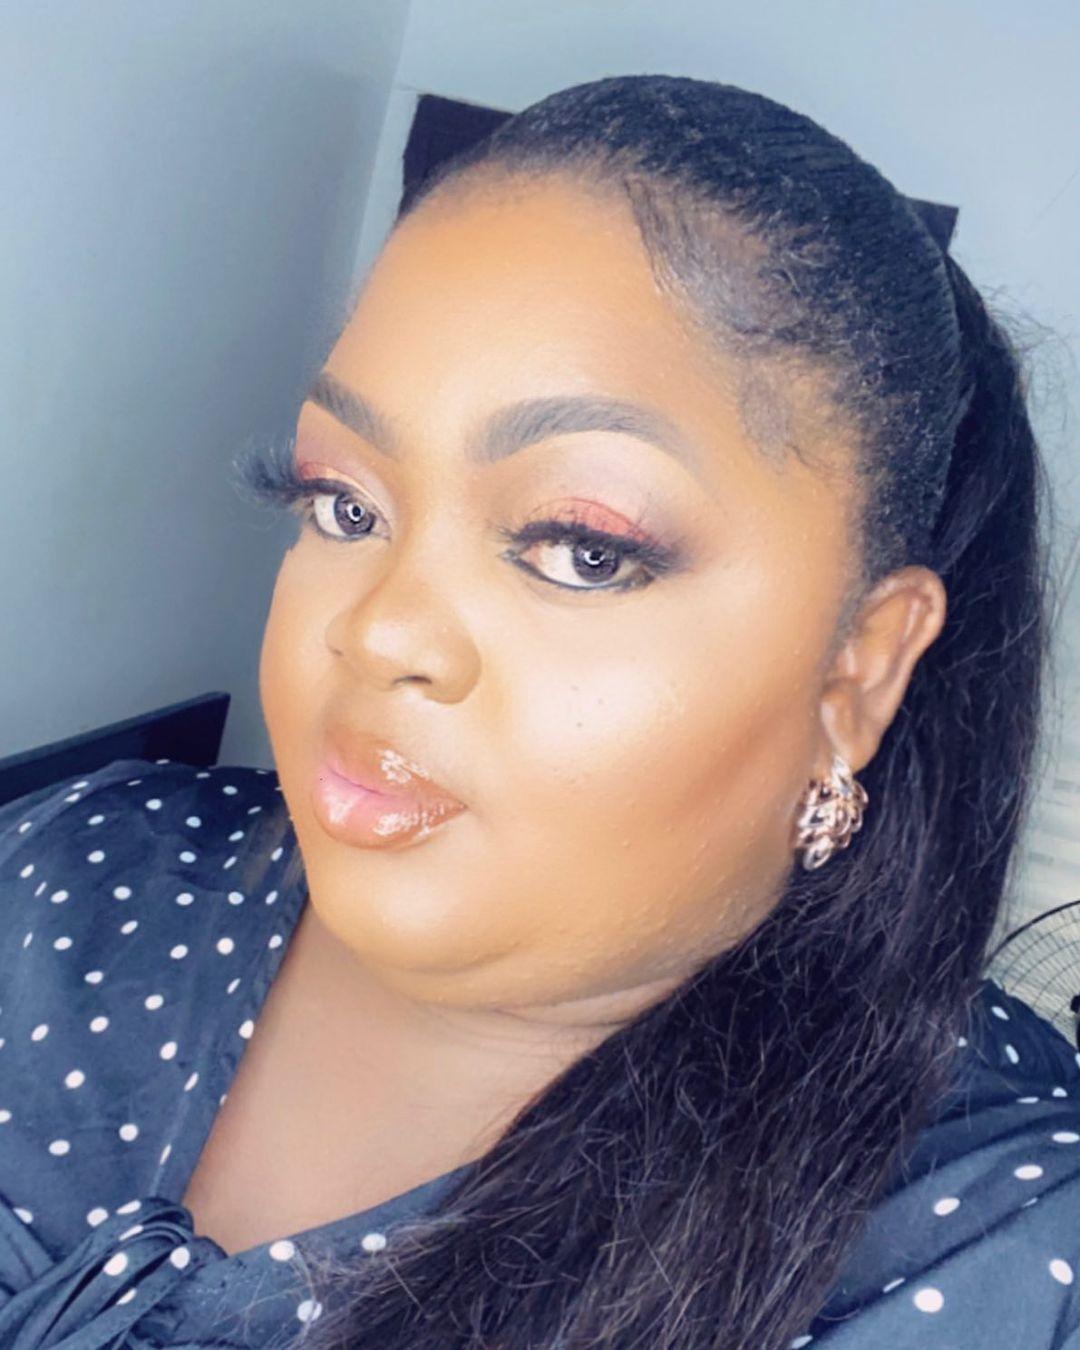 Nollywood actress Eniola Badmus (Photo: Eniola Badmus/Instagram)